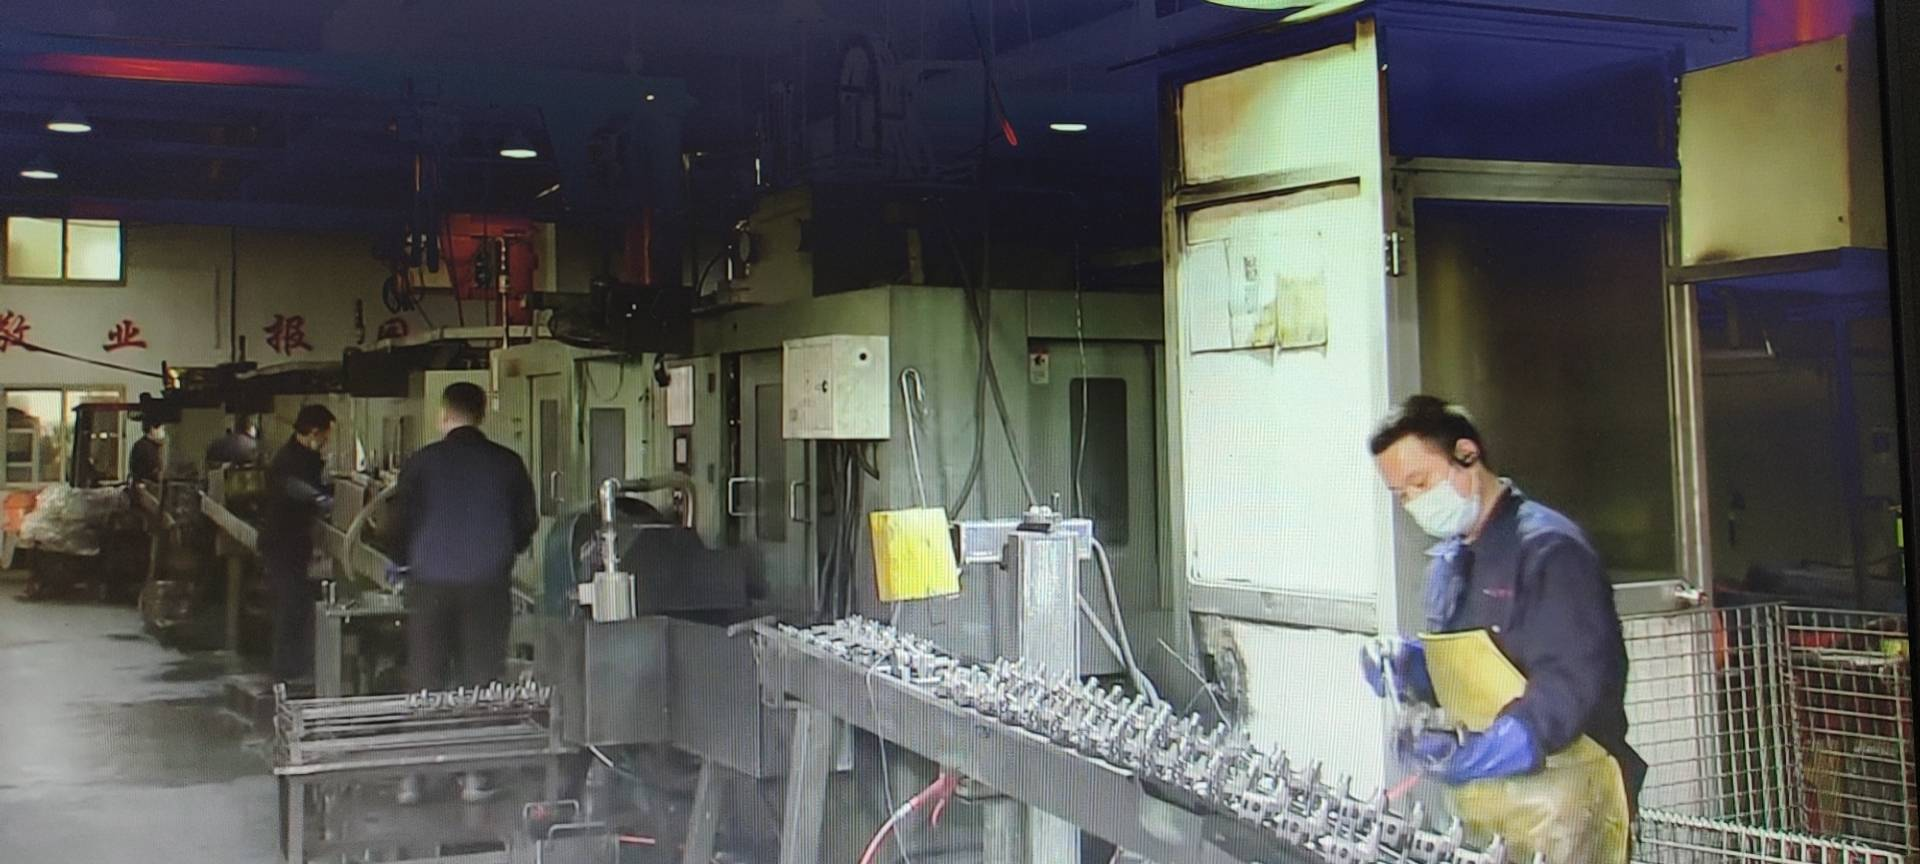 青岛市市北区数字技术赋能传统制造业提升质效